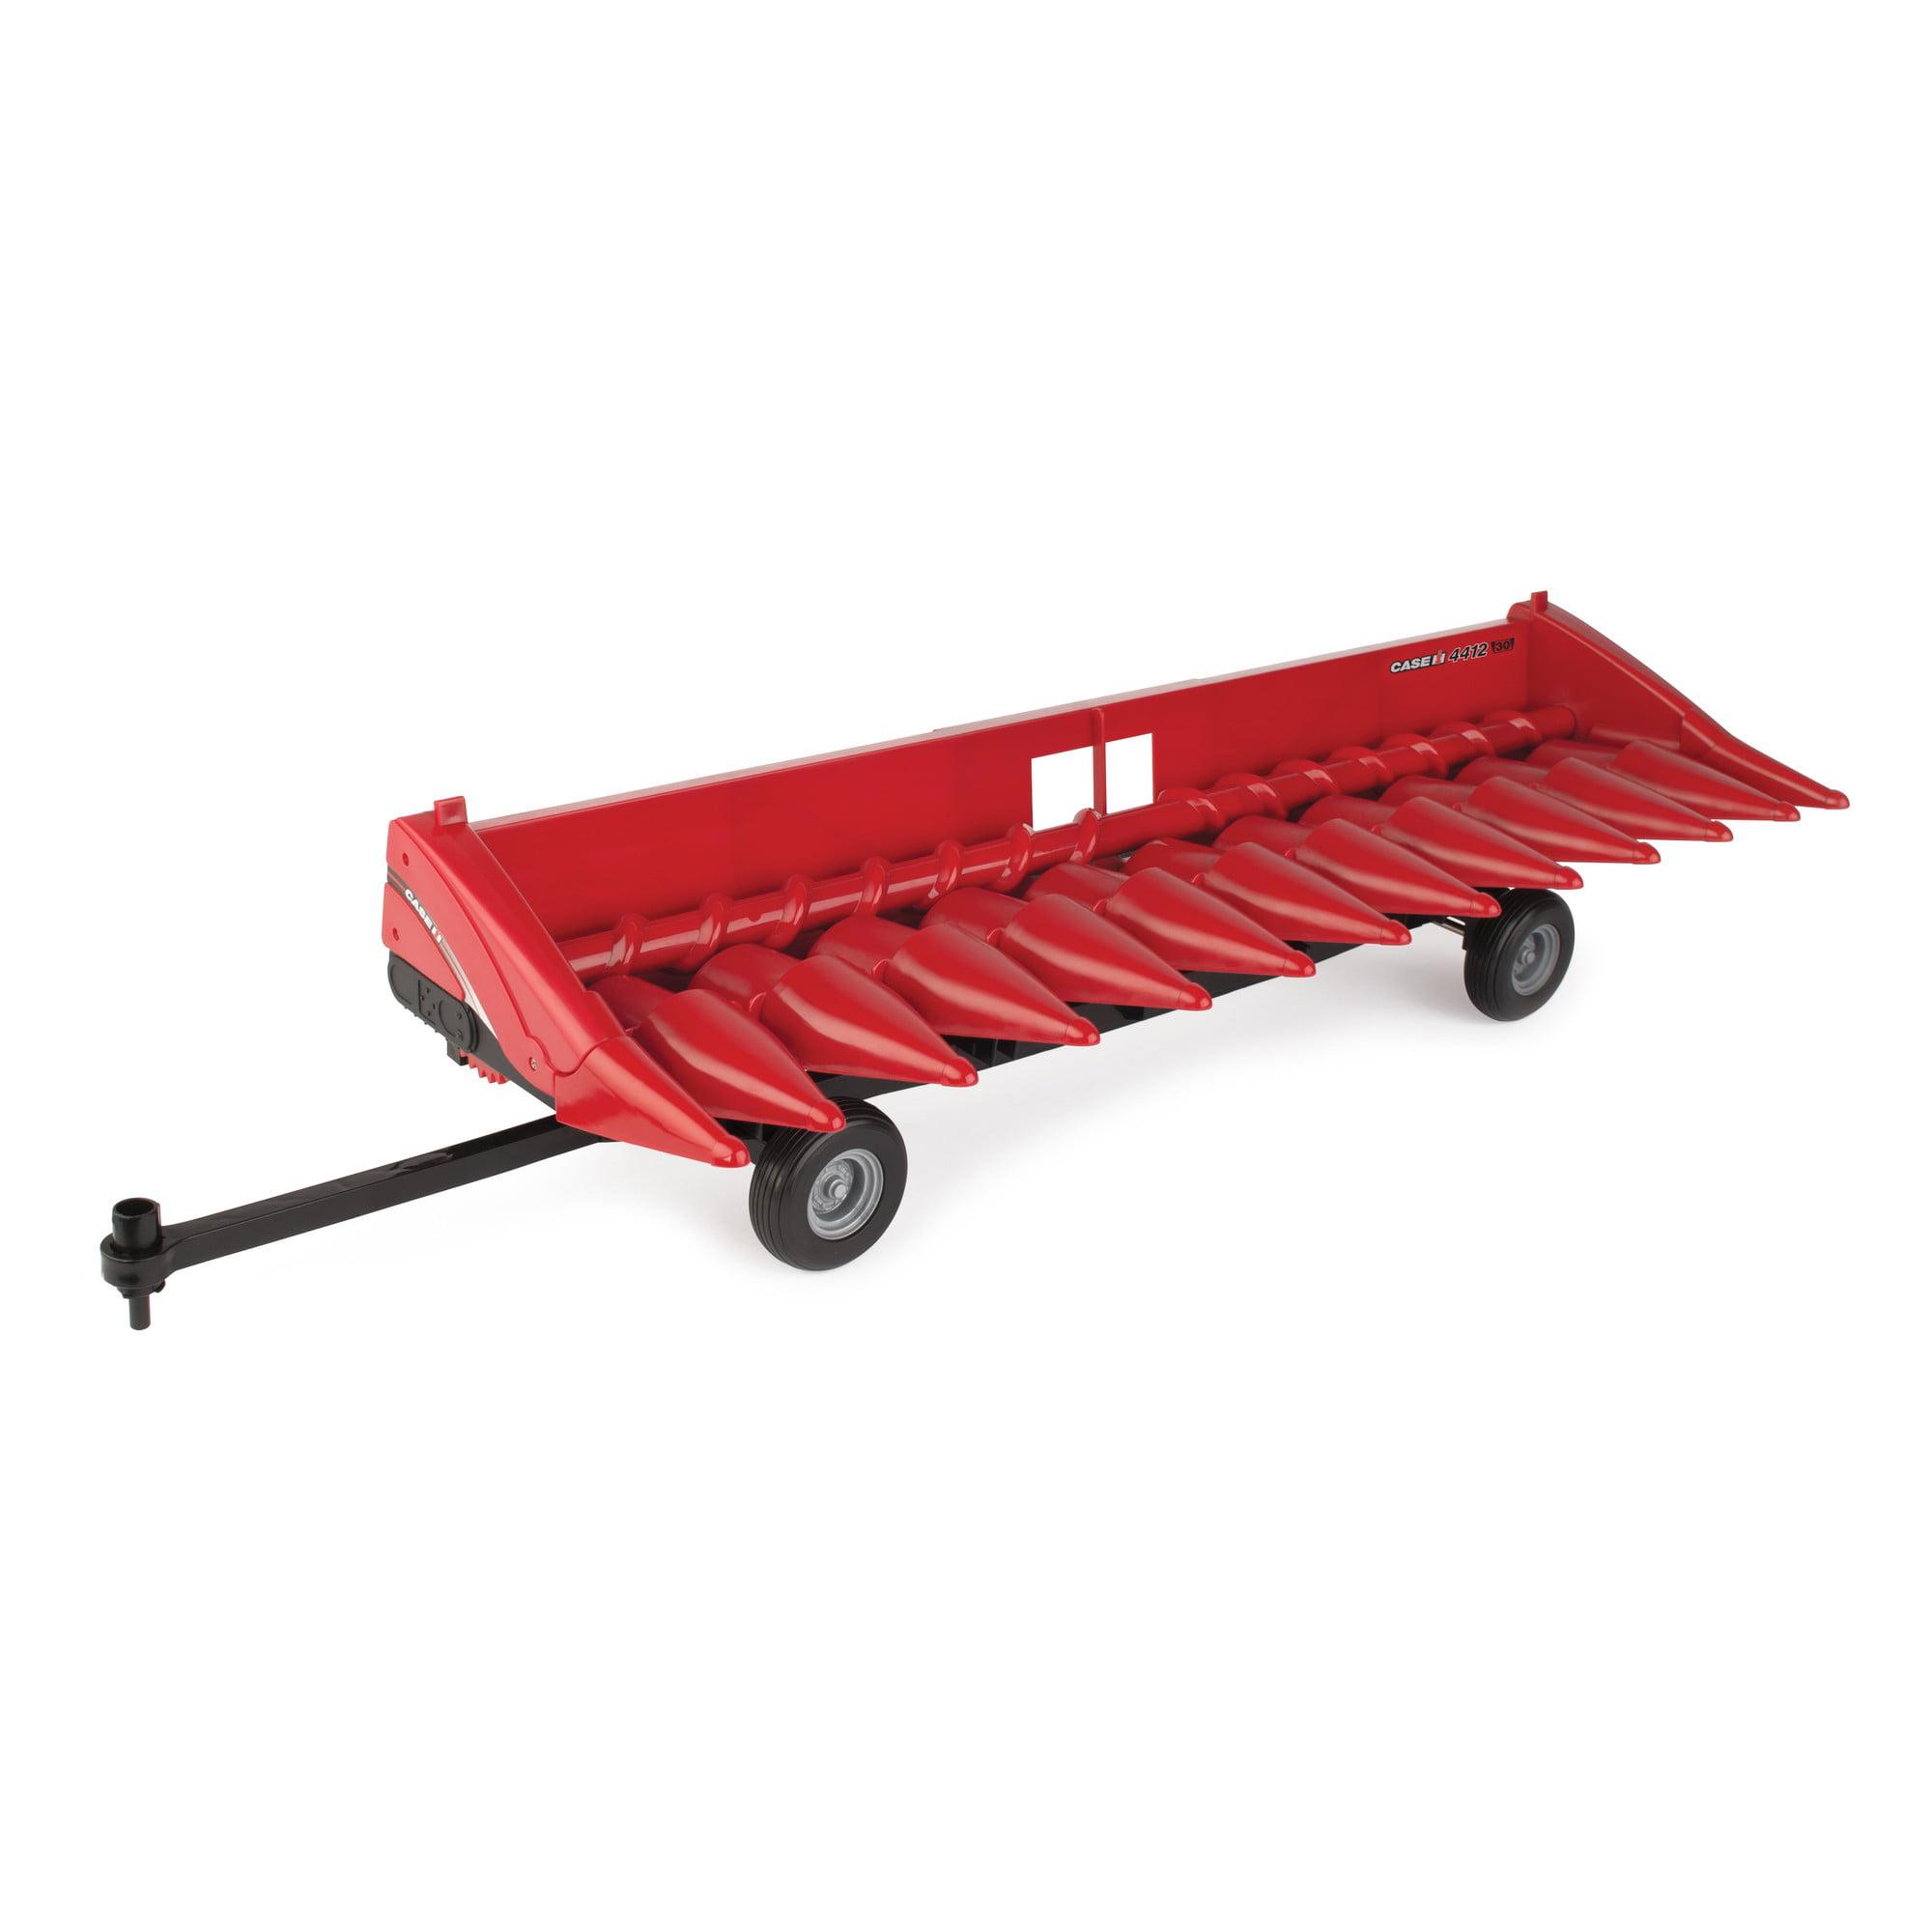 Big Farm M4 1:16 Case IH 4412 Corn Head and Header Cart by TOMY